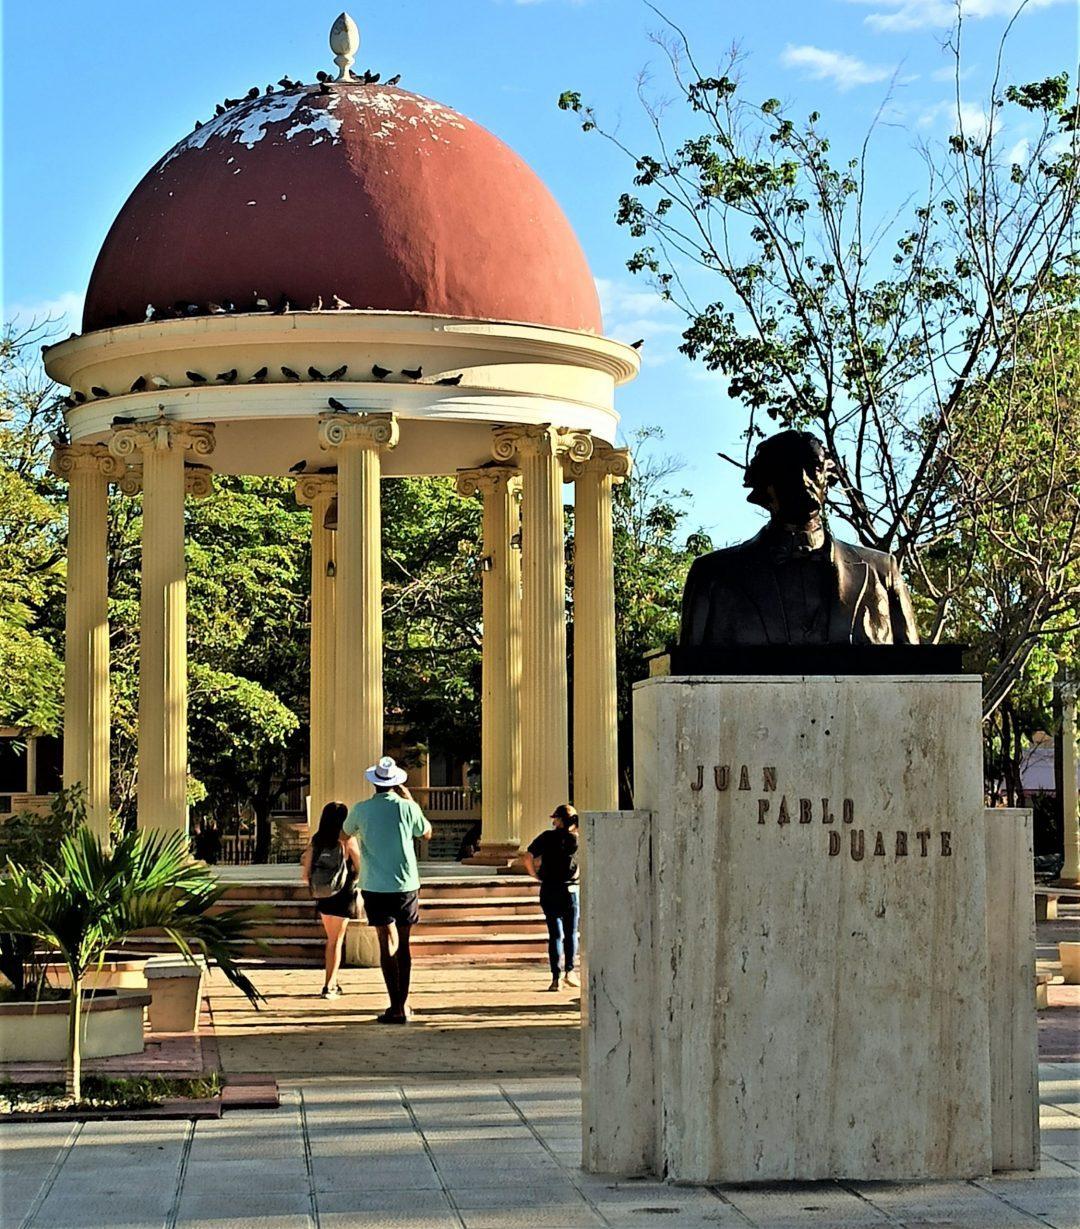 Parque Duarte de Azua